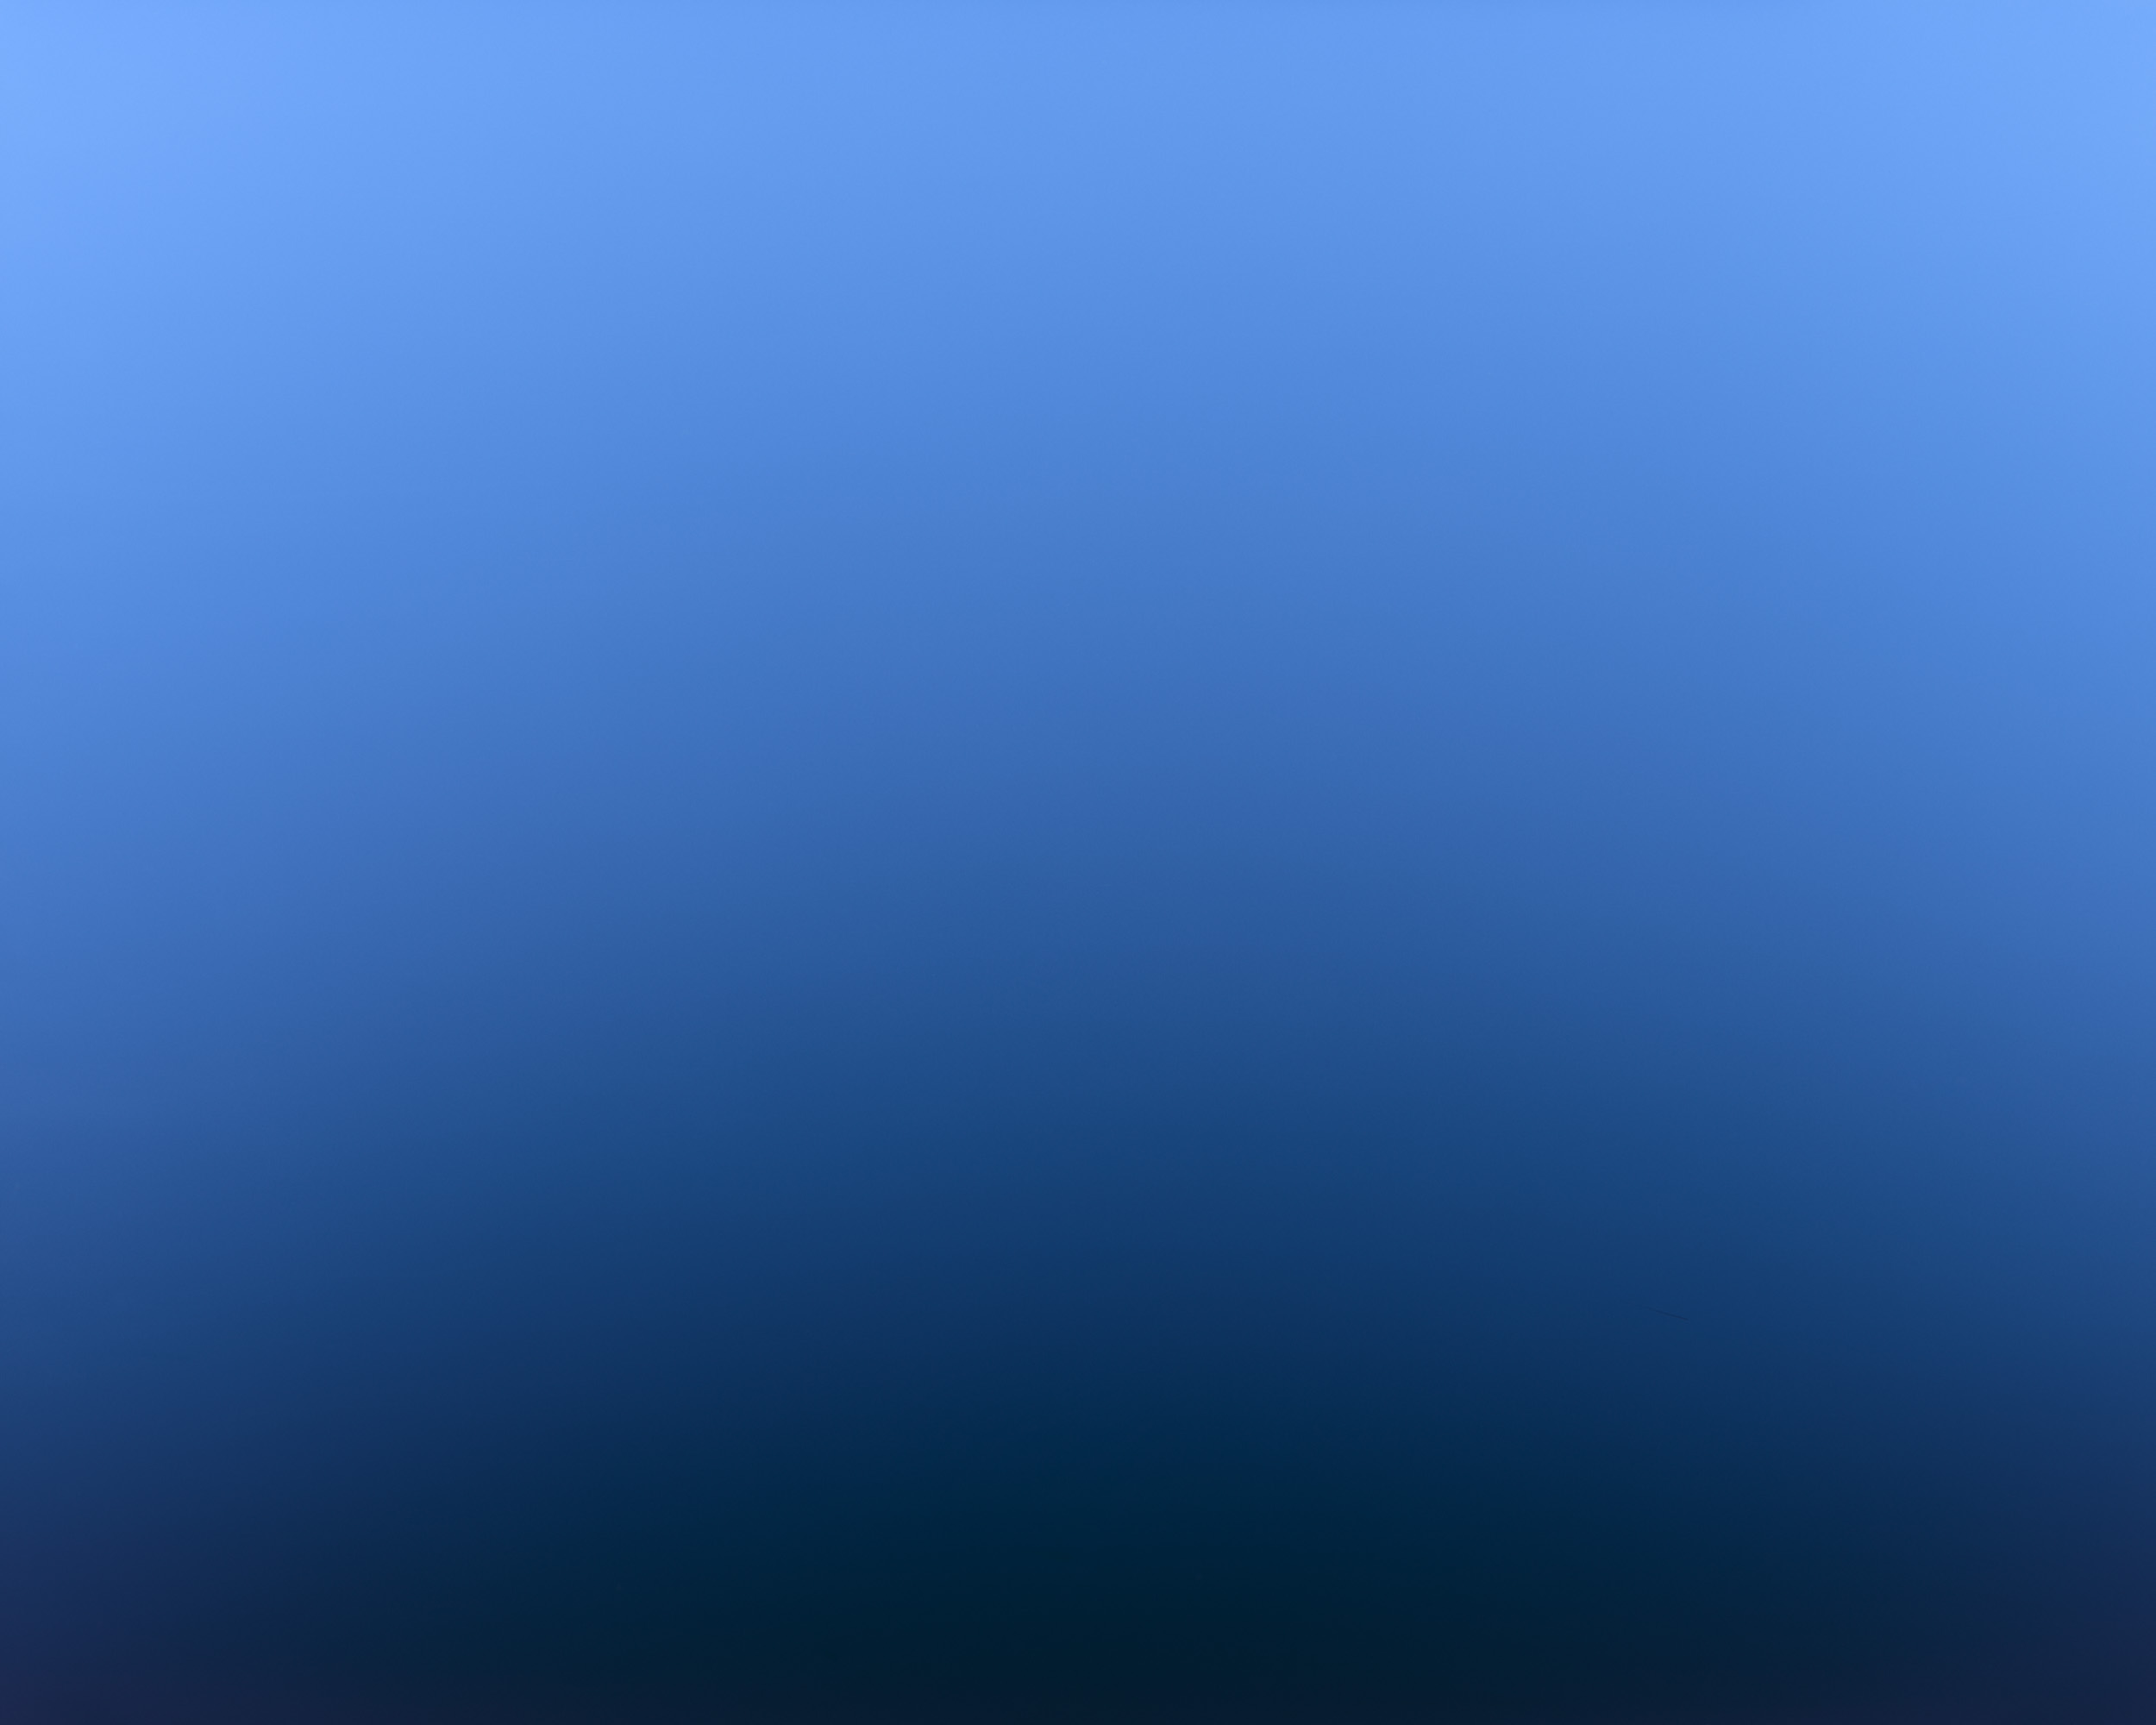 sky-4.jpg